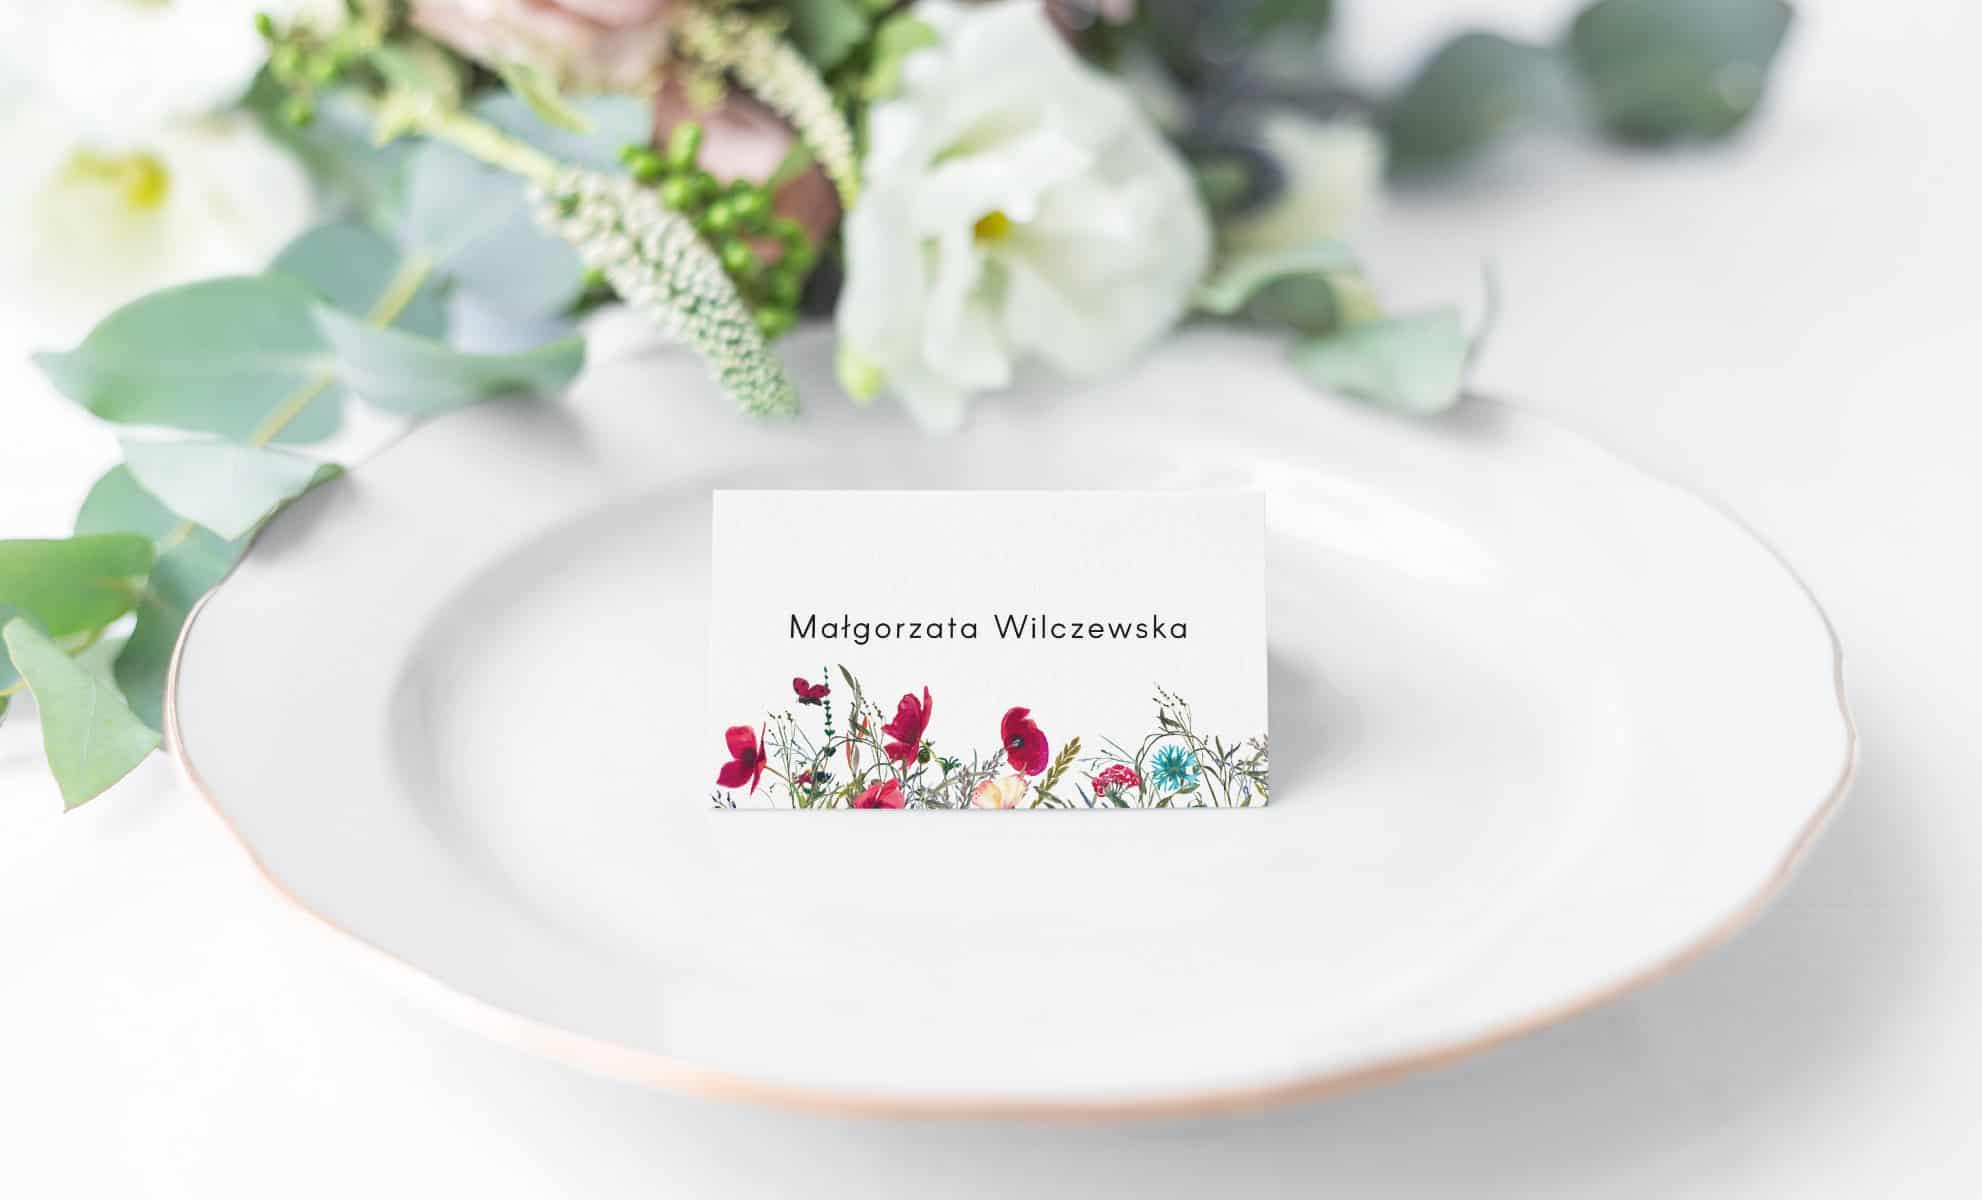 Winietki z imionami gości weselnych z polnymi kwiatami